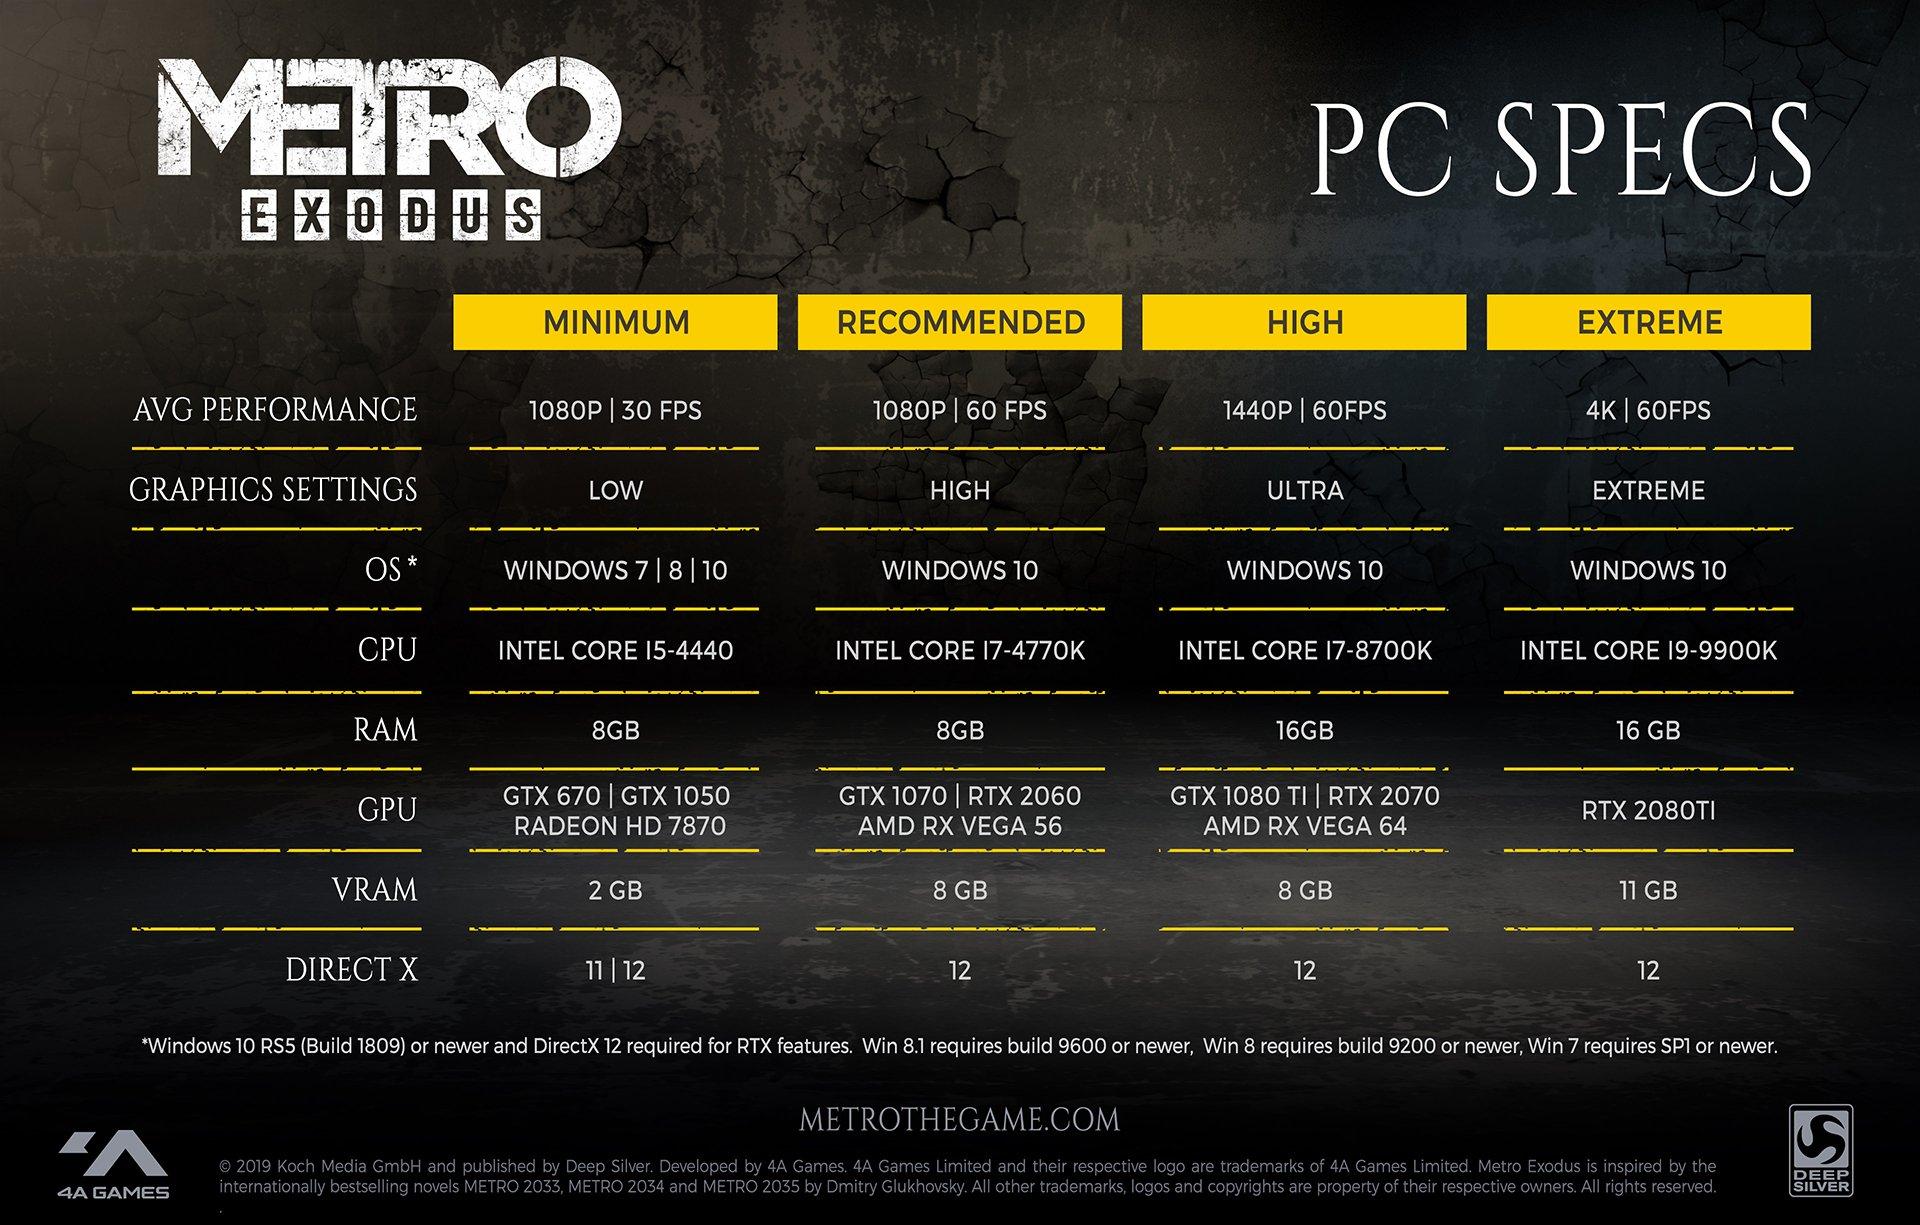 Metro: Exodus PC Specs